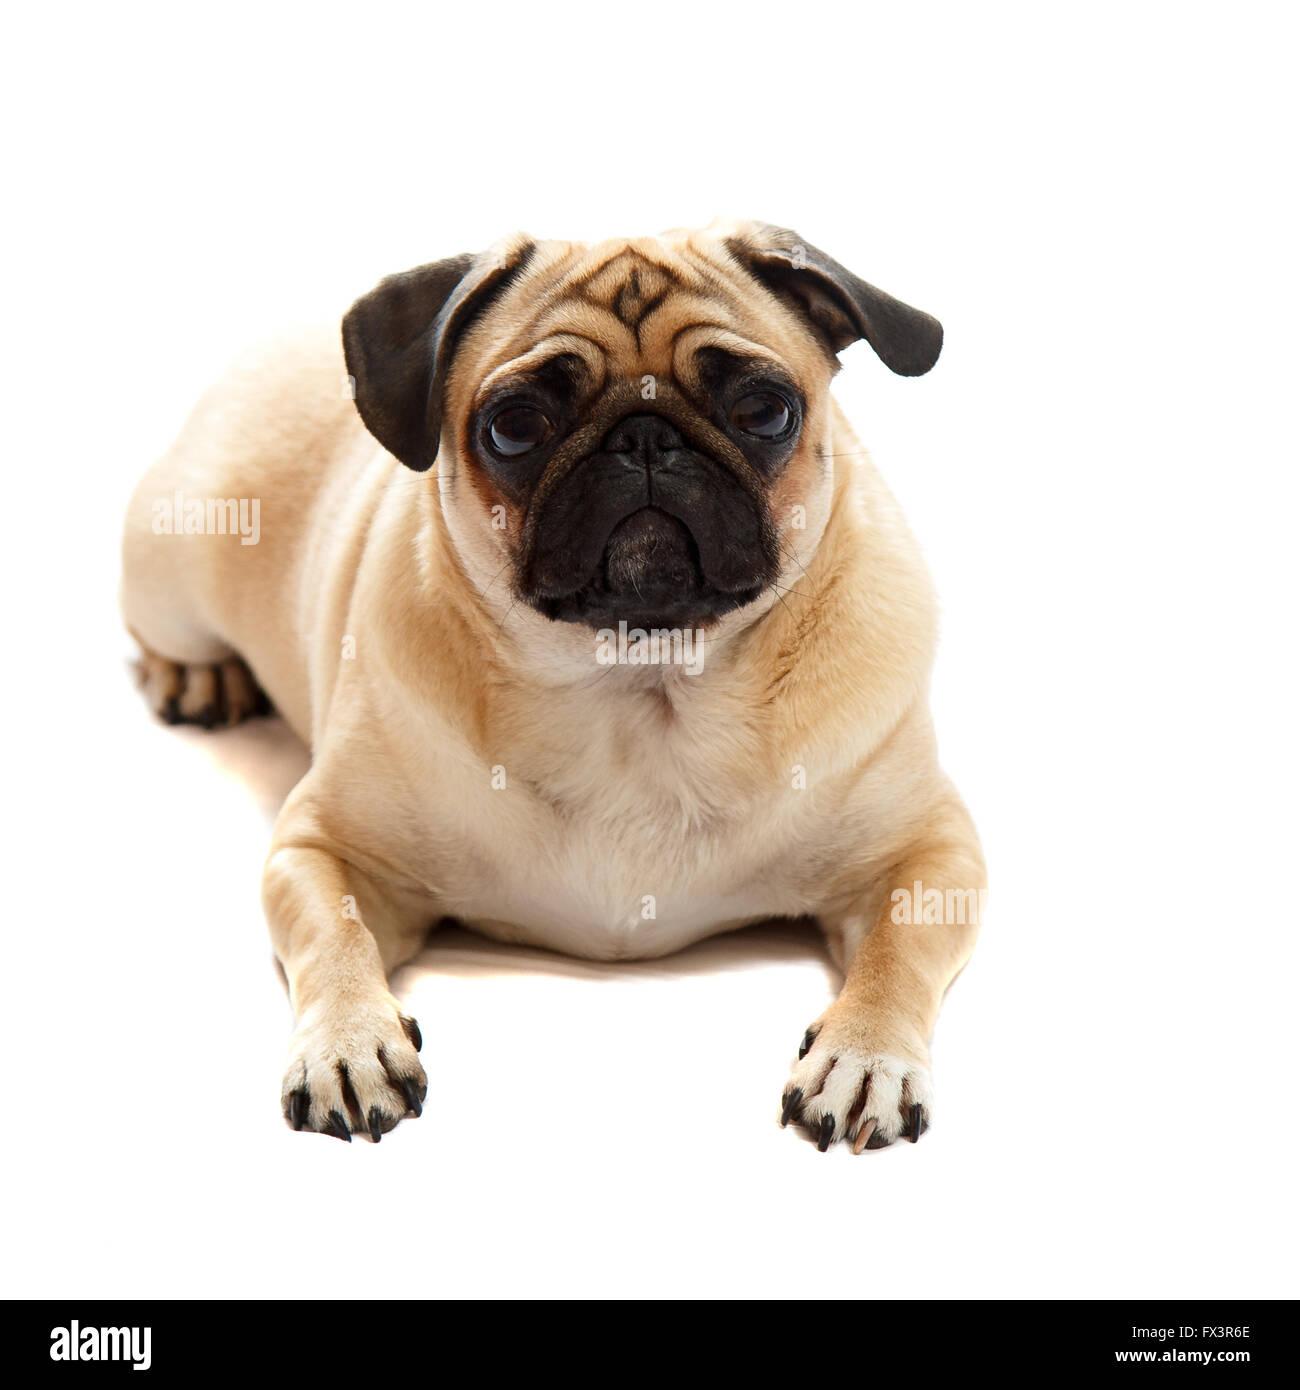 Pug laying down - Stock Image